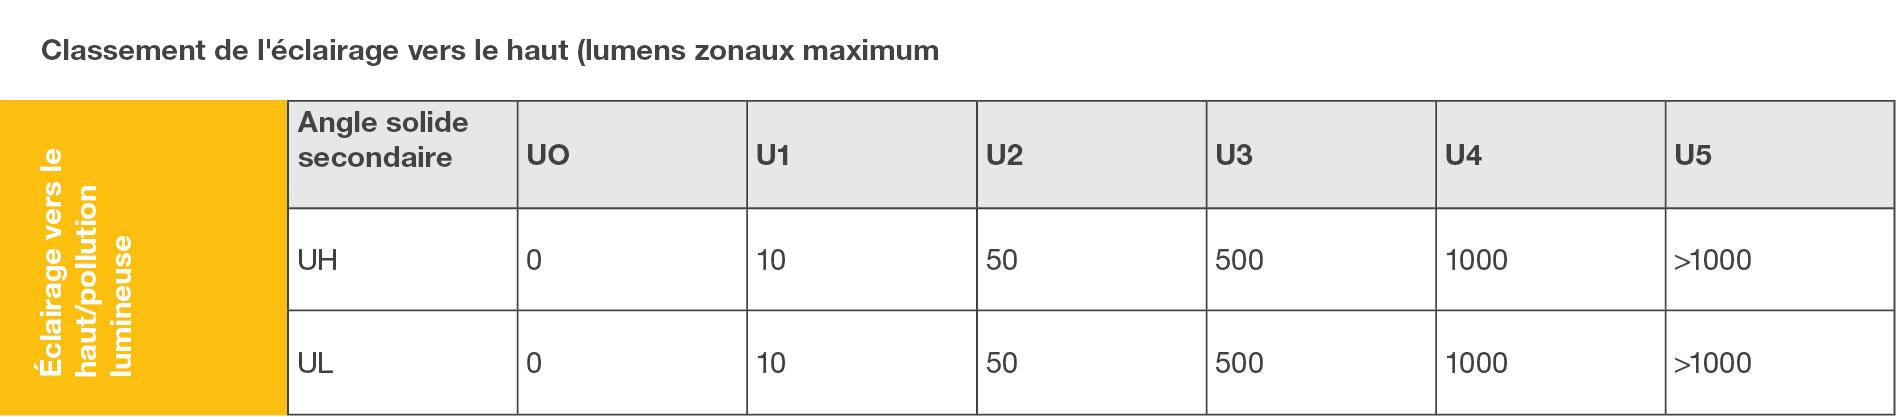 Tableau de classement de l'éclairage vers le haut